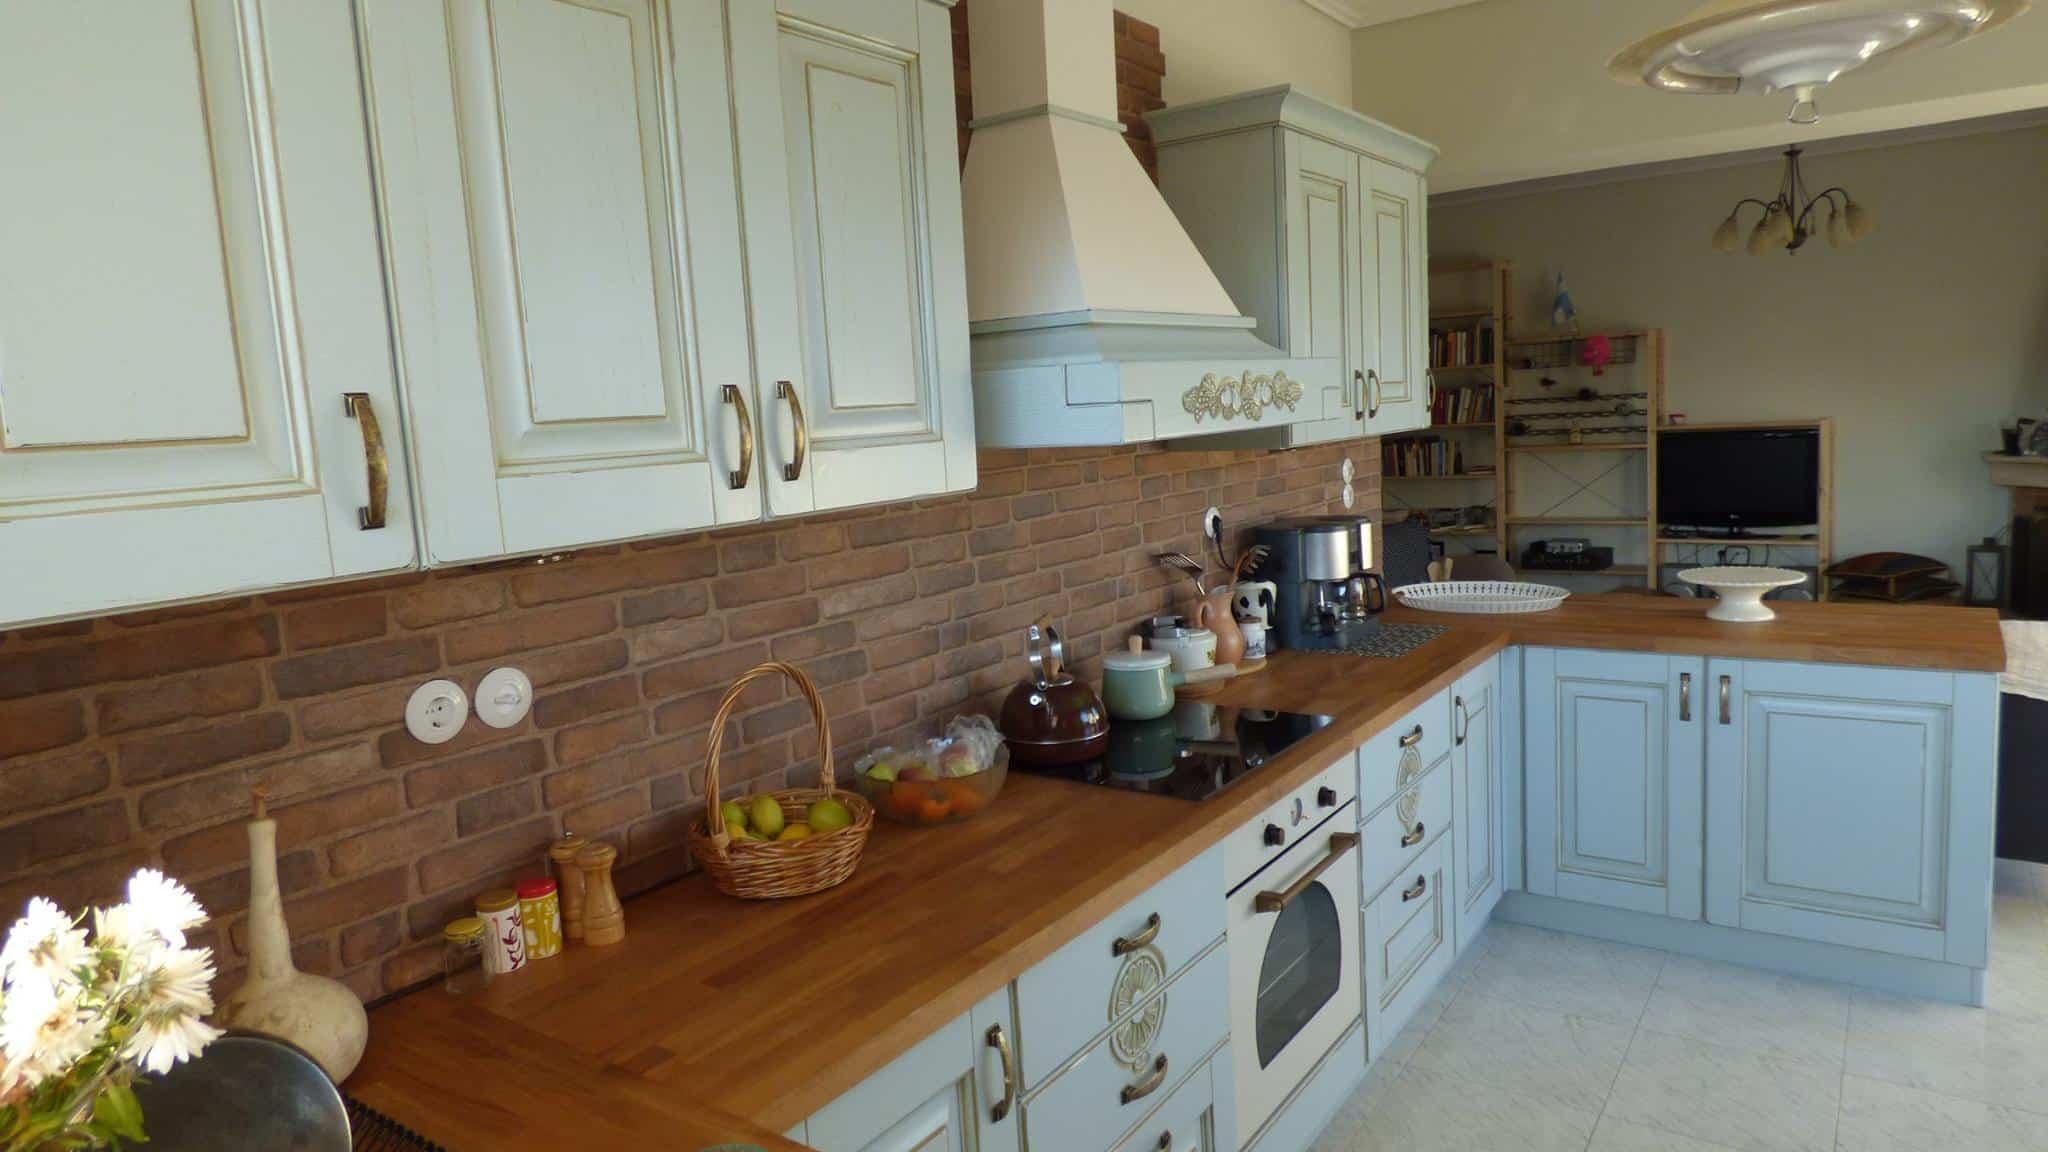 Επιπλα Κουζινας μασιφ ξυλο Επιπλα Κουζινας μασιφ ξυλο